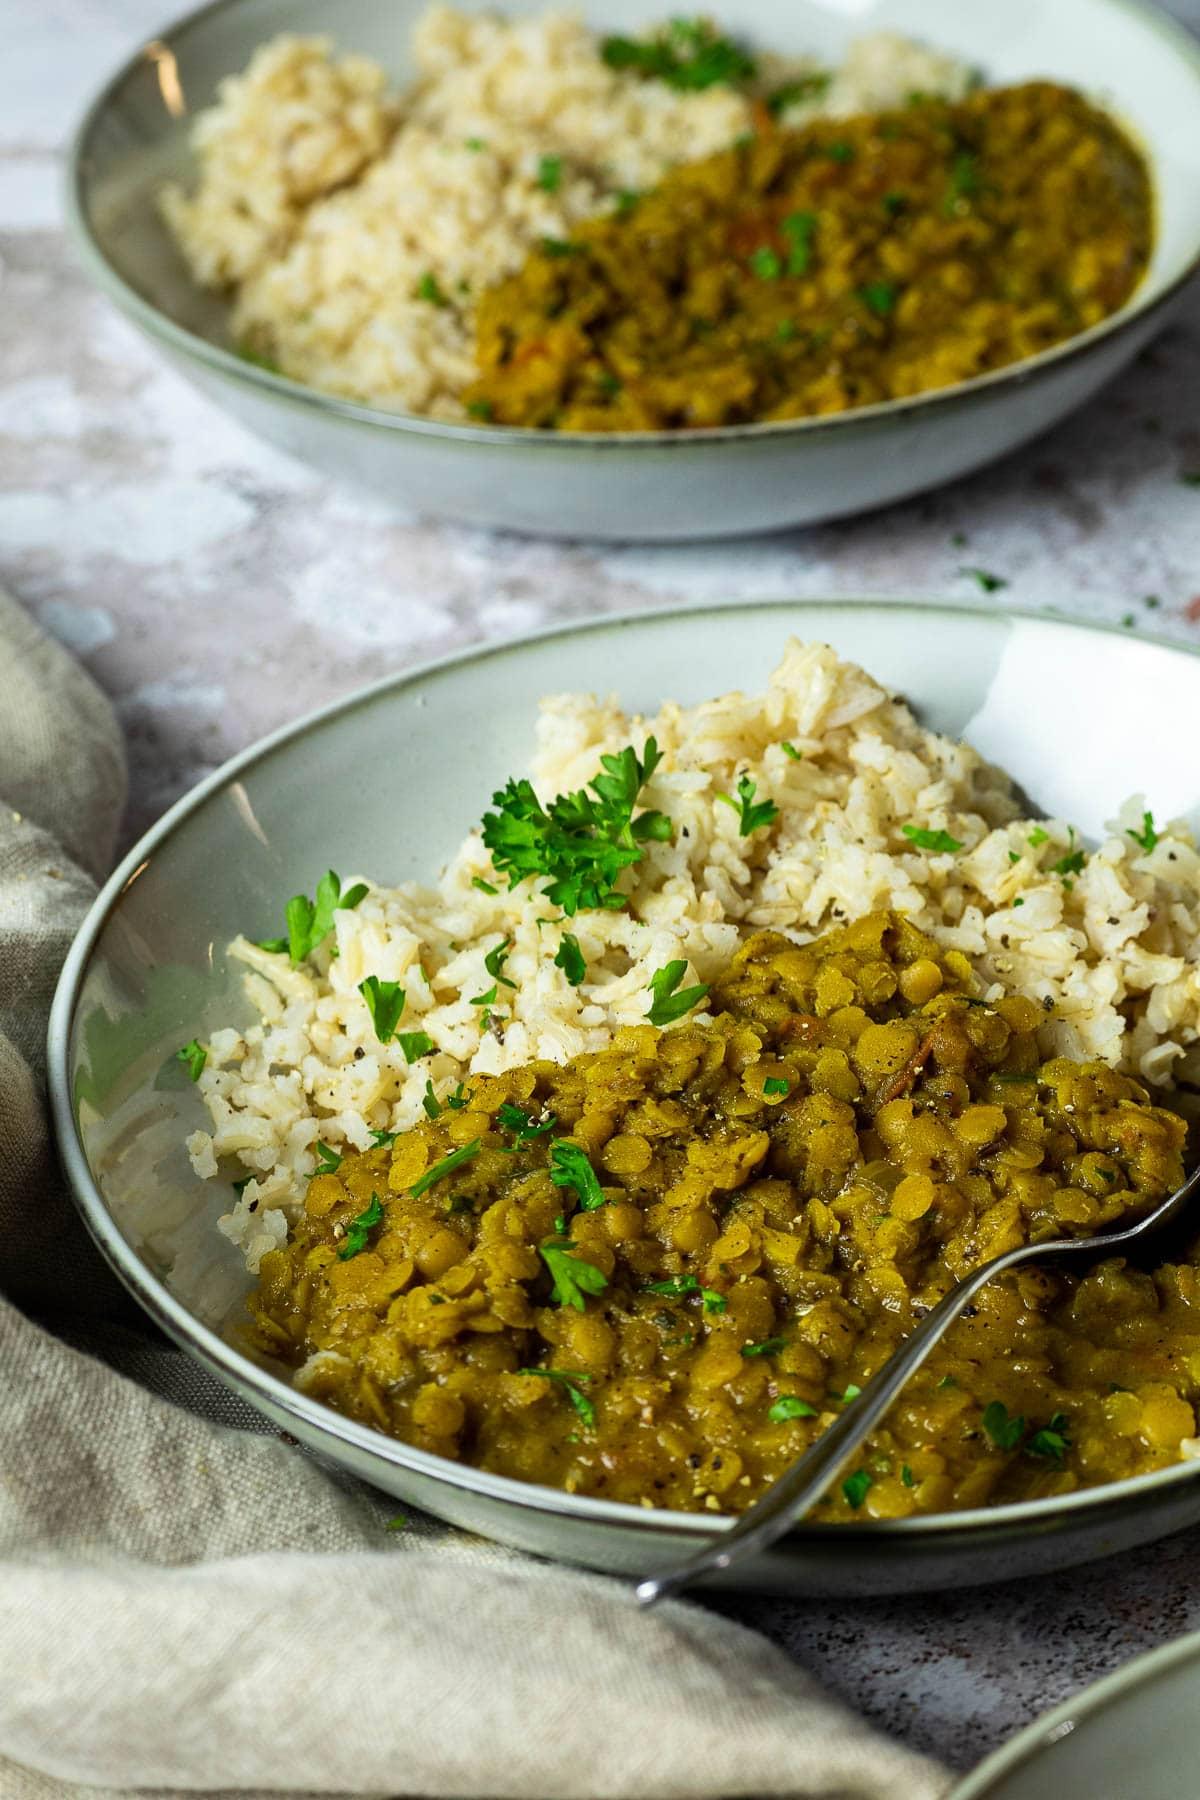 Bowl of vegan red lentil dal in focus